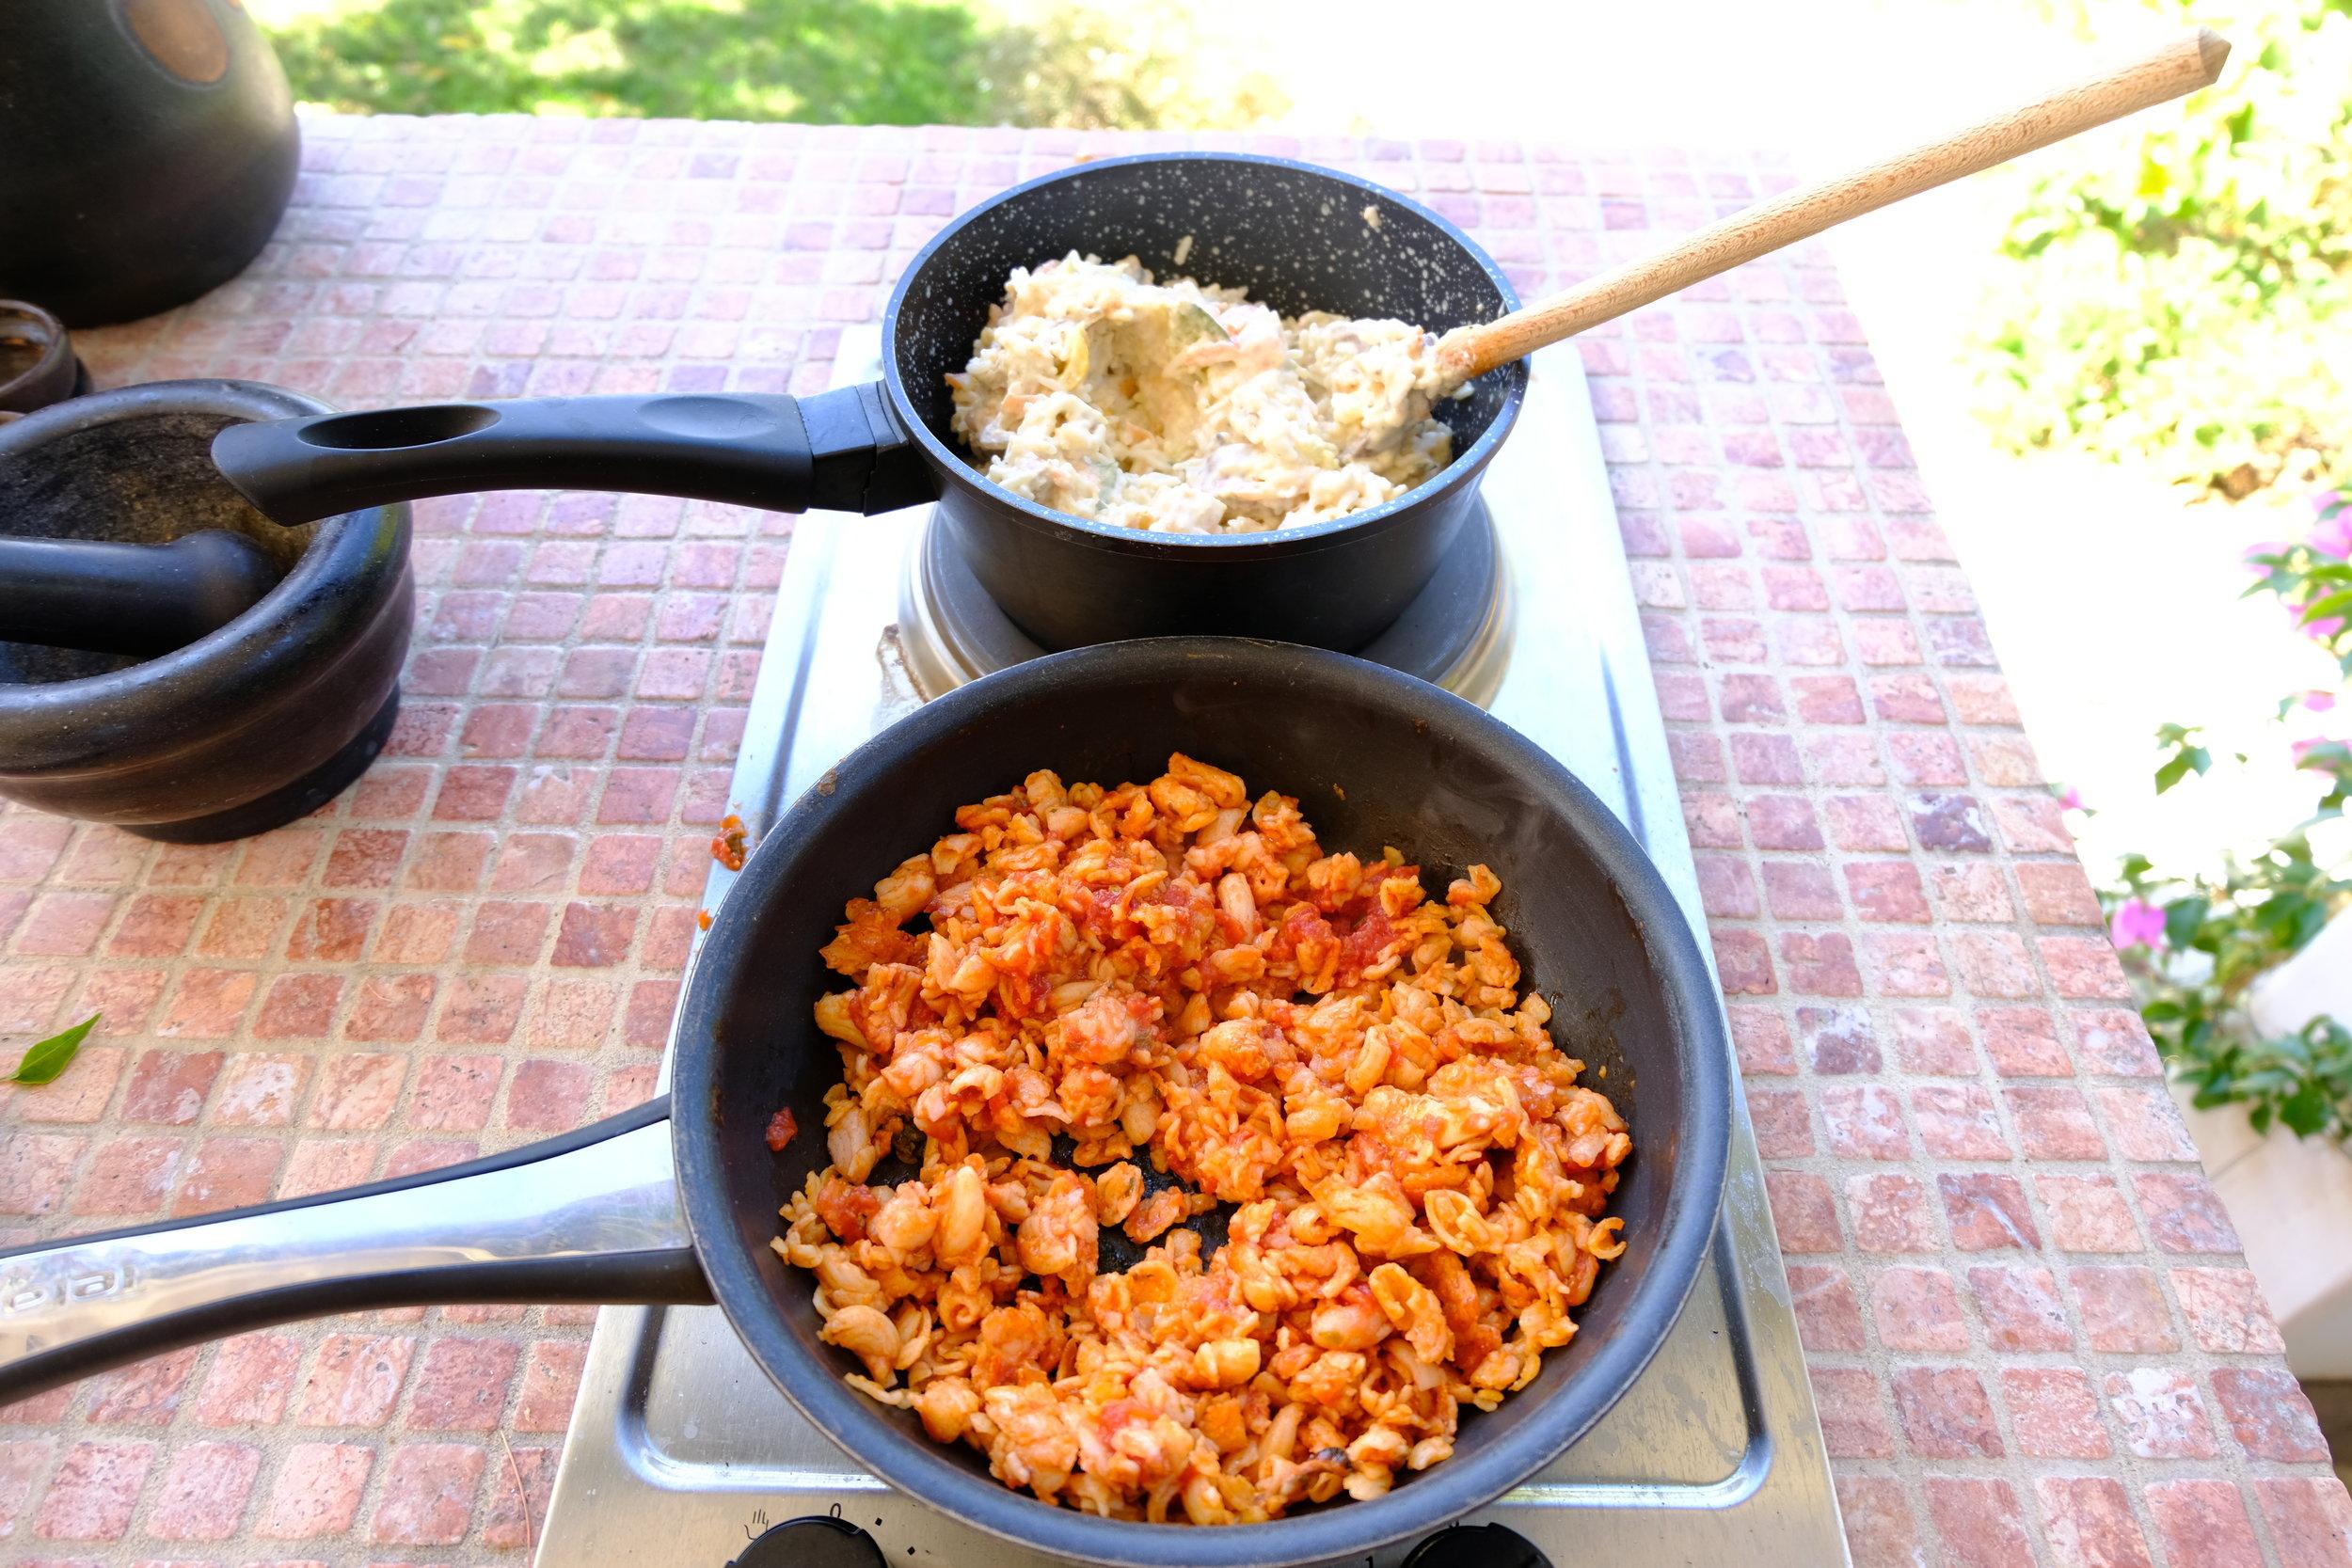 GF pasta and risotto